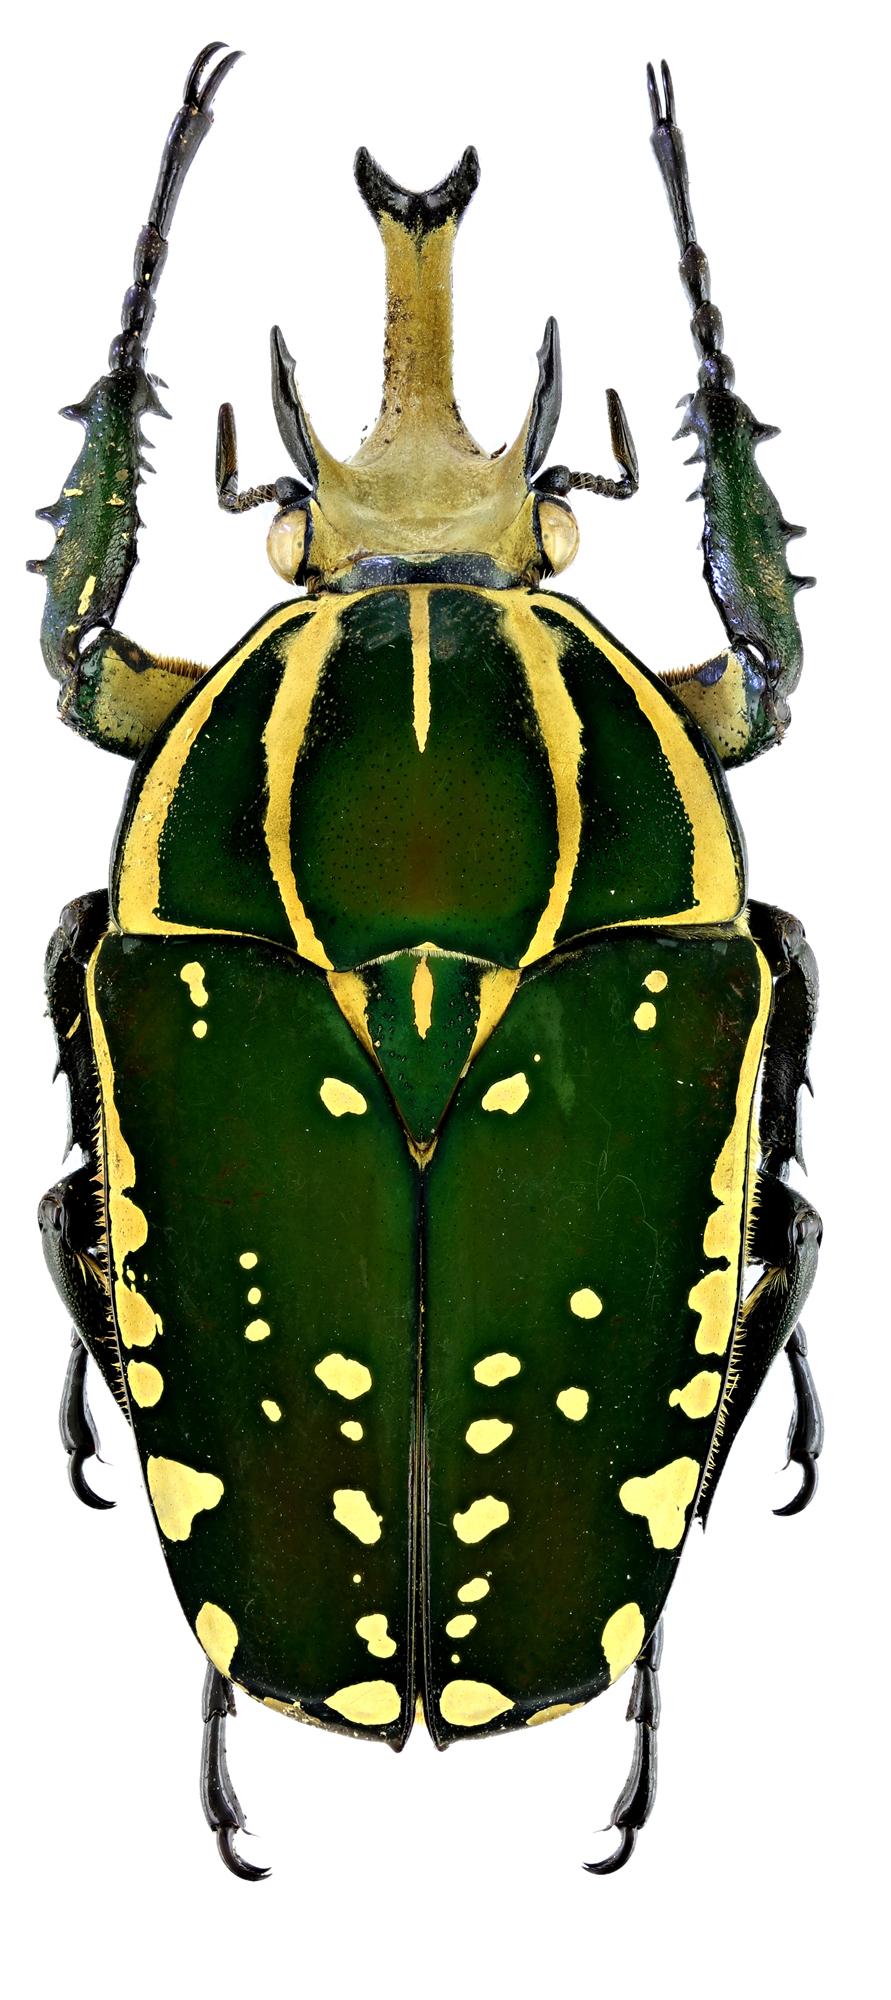 Mecynorhina polyphemus confluens 19162zs68.jpg